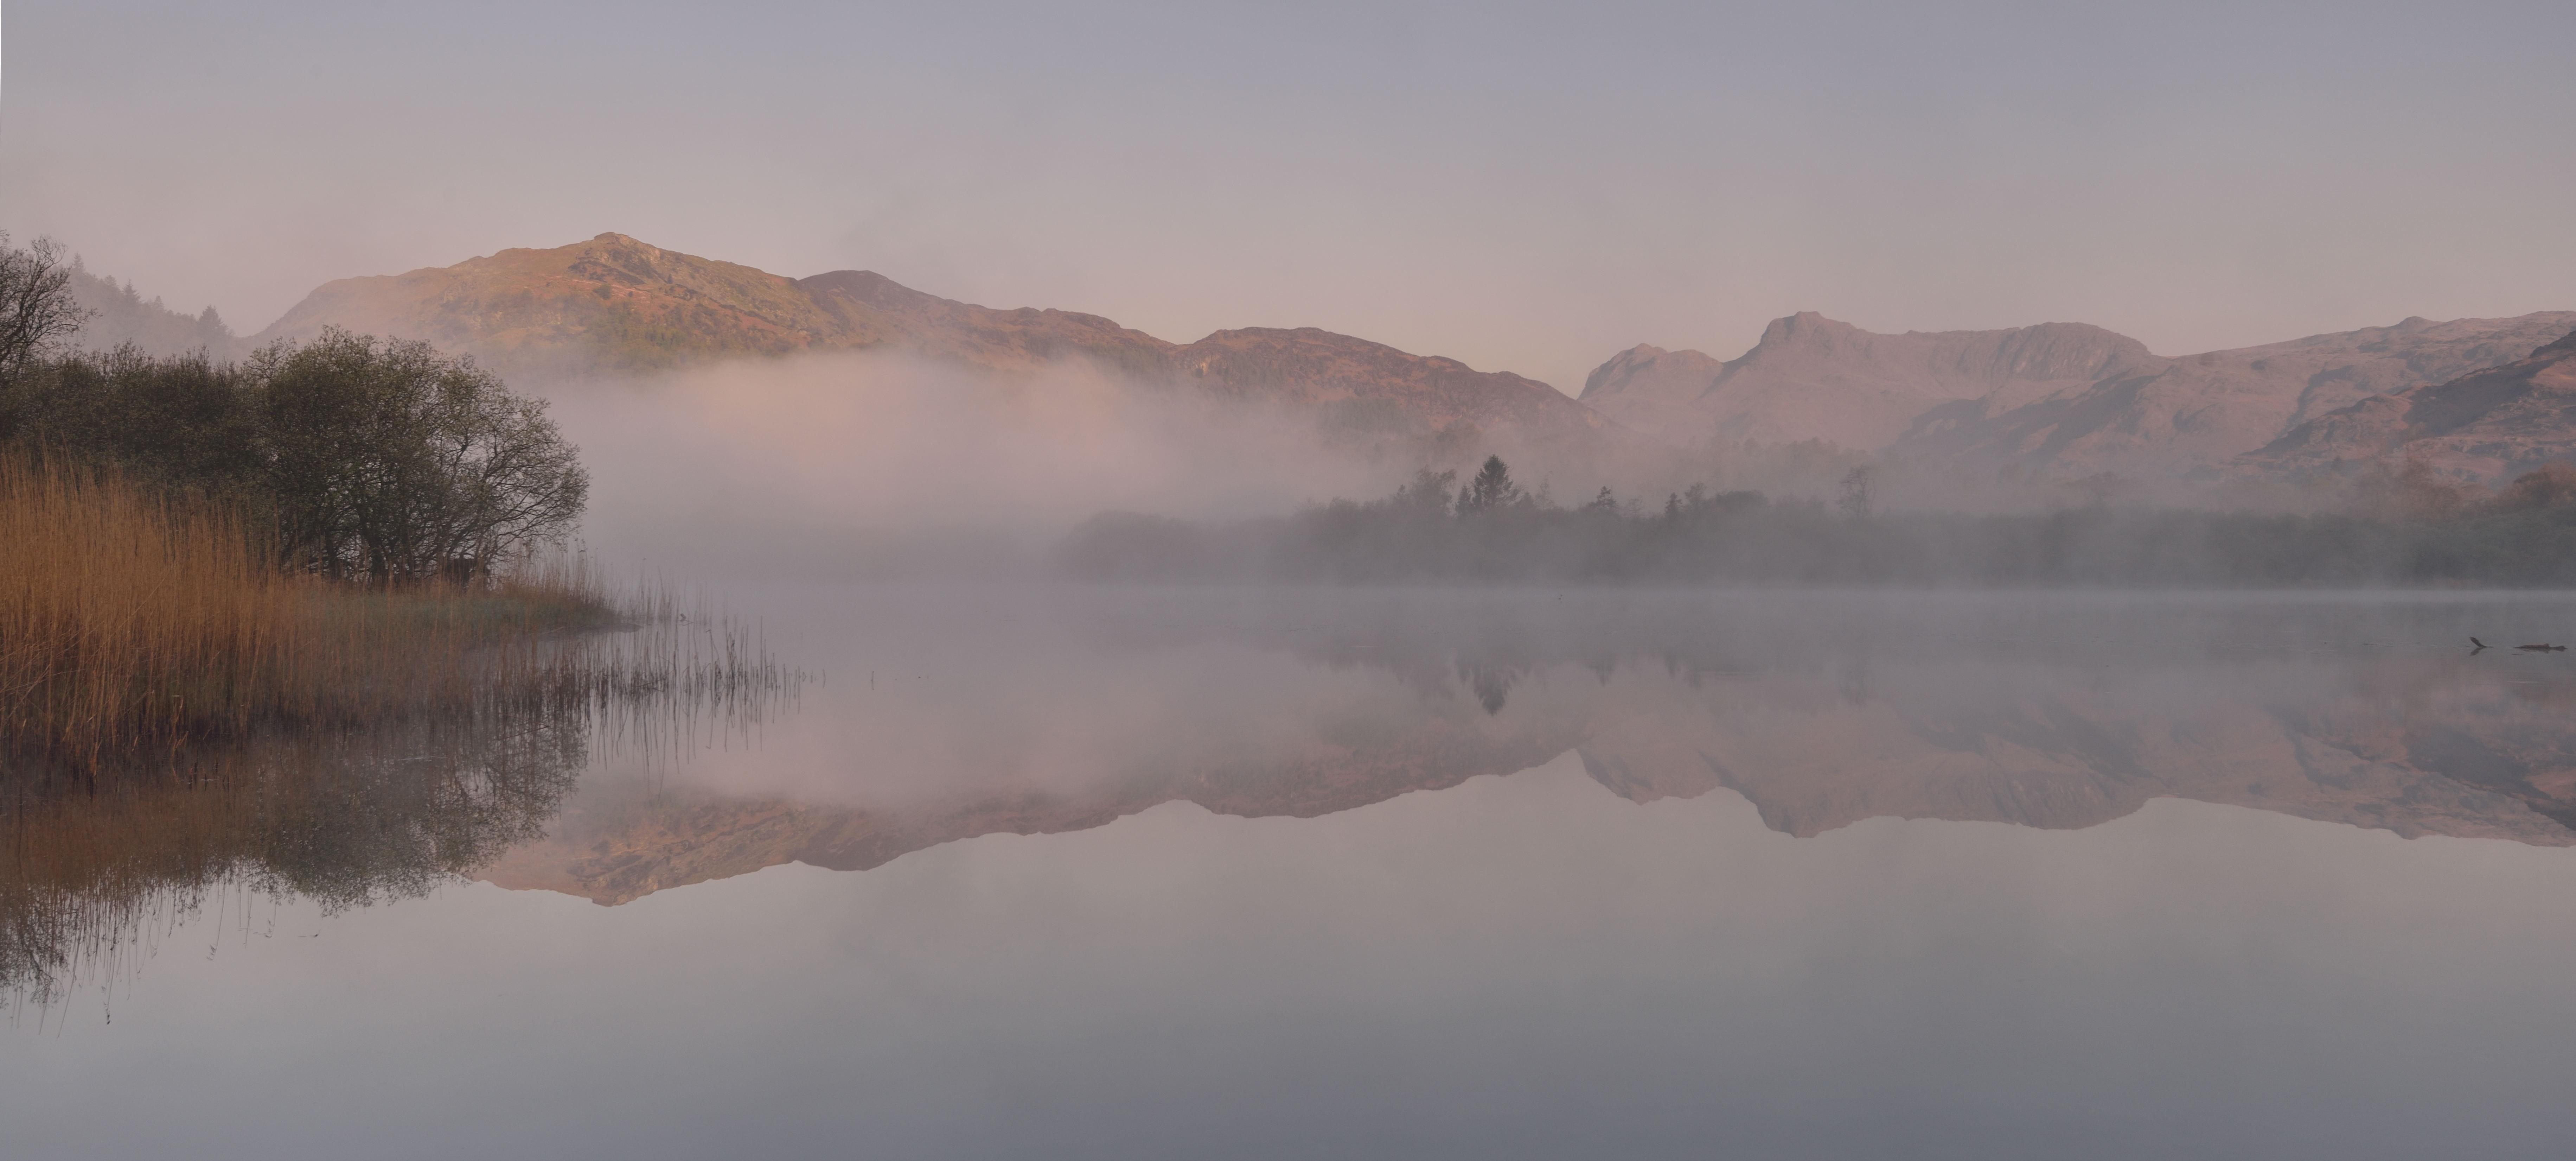 Elterwater panorama